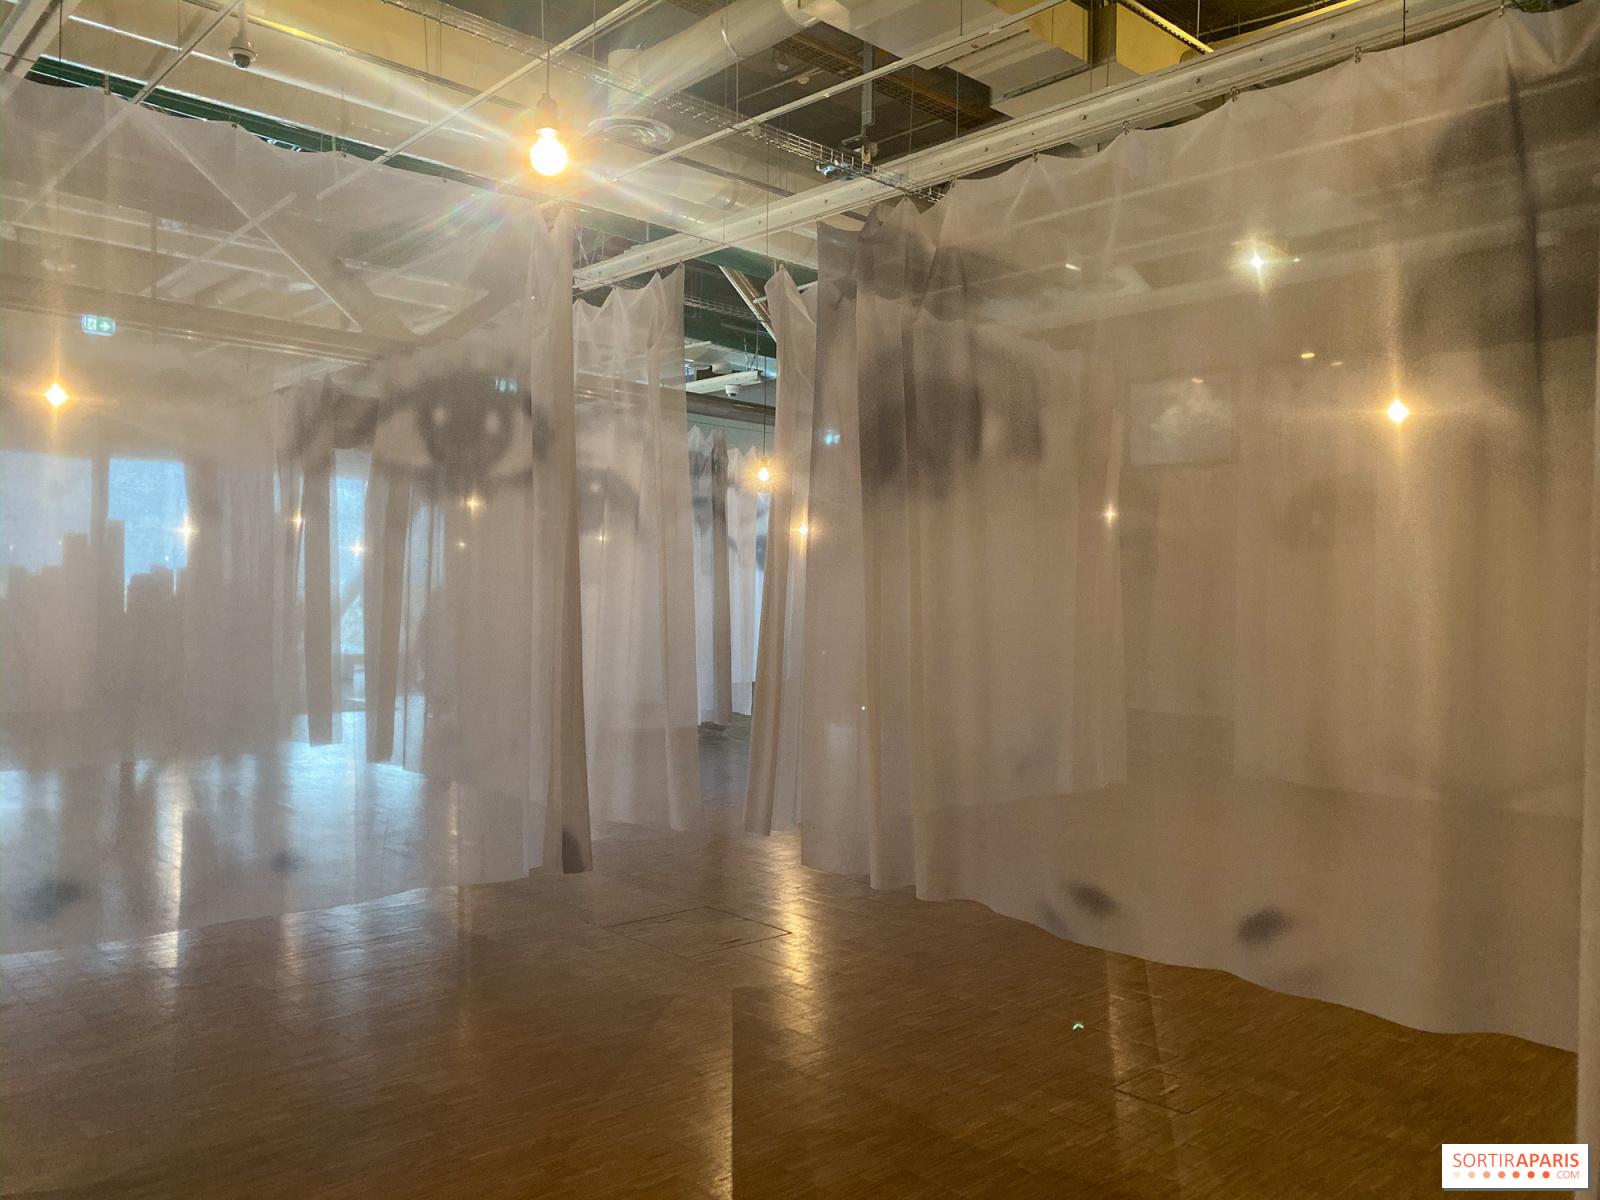 Christian Boltanski exhibition at Paris Centre Pompidou - Pictures ...